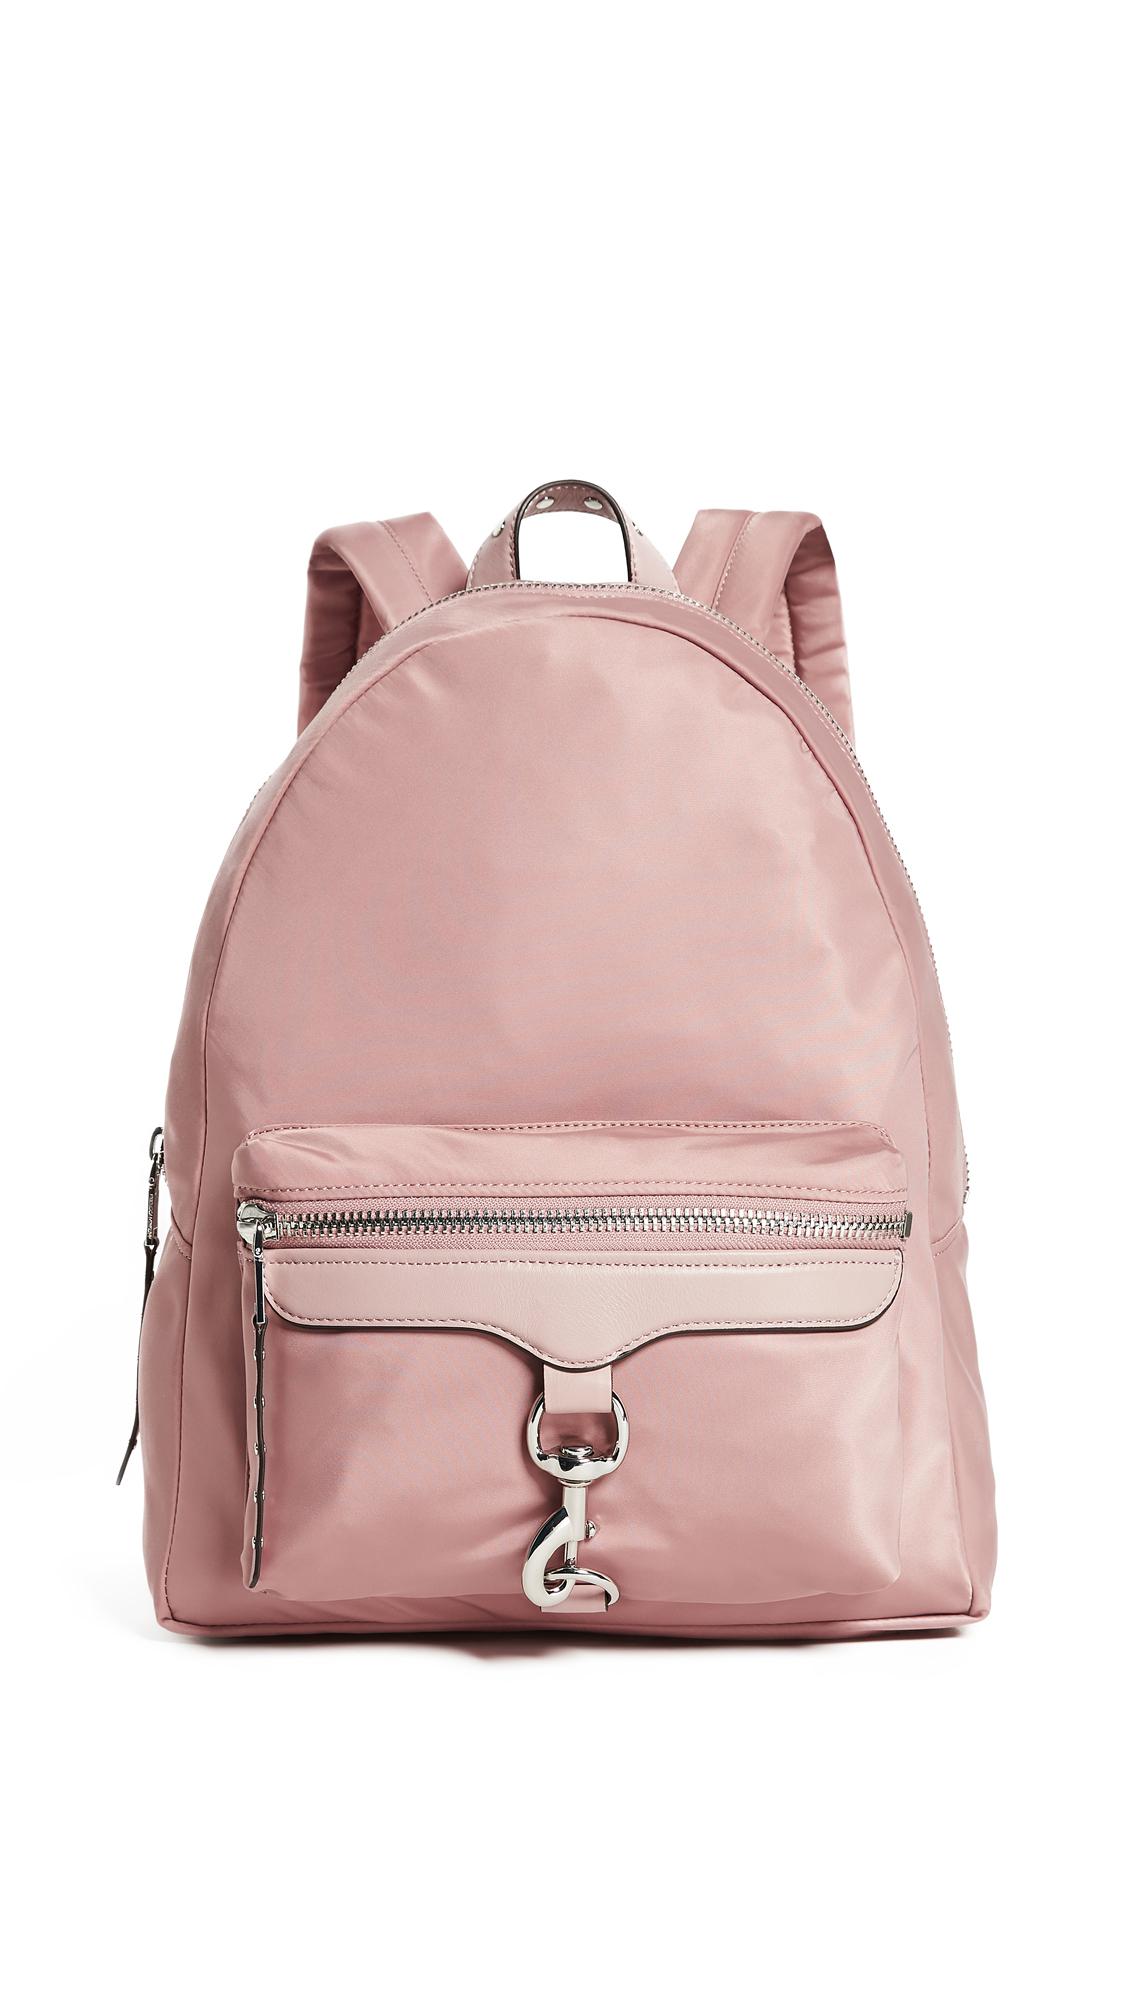 Rebecca Minkoff Always On MAB Backpack - Vintage Pink